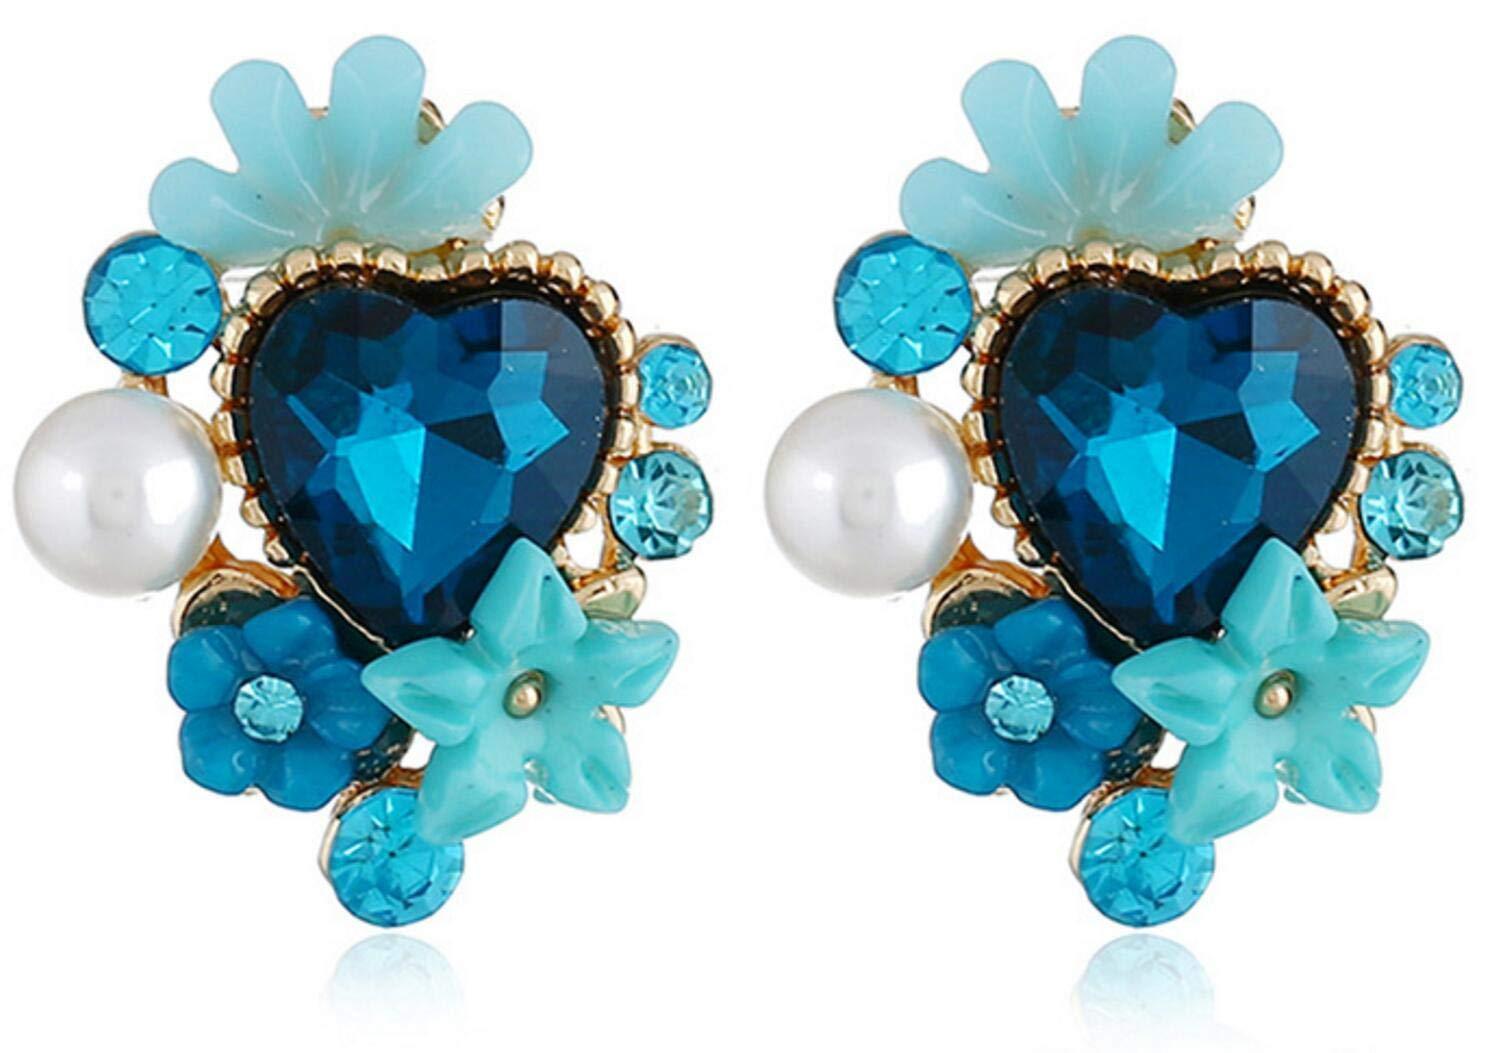 Crystal Five-Leaf Flower Petals Rhinestone Heart-Shaped Earrings (Light Blue)